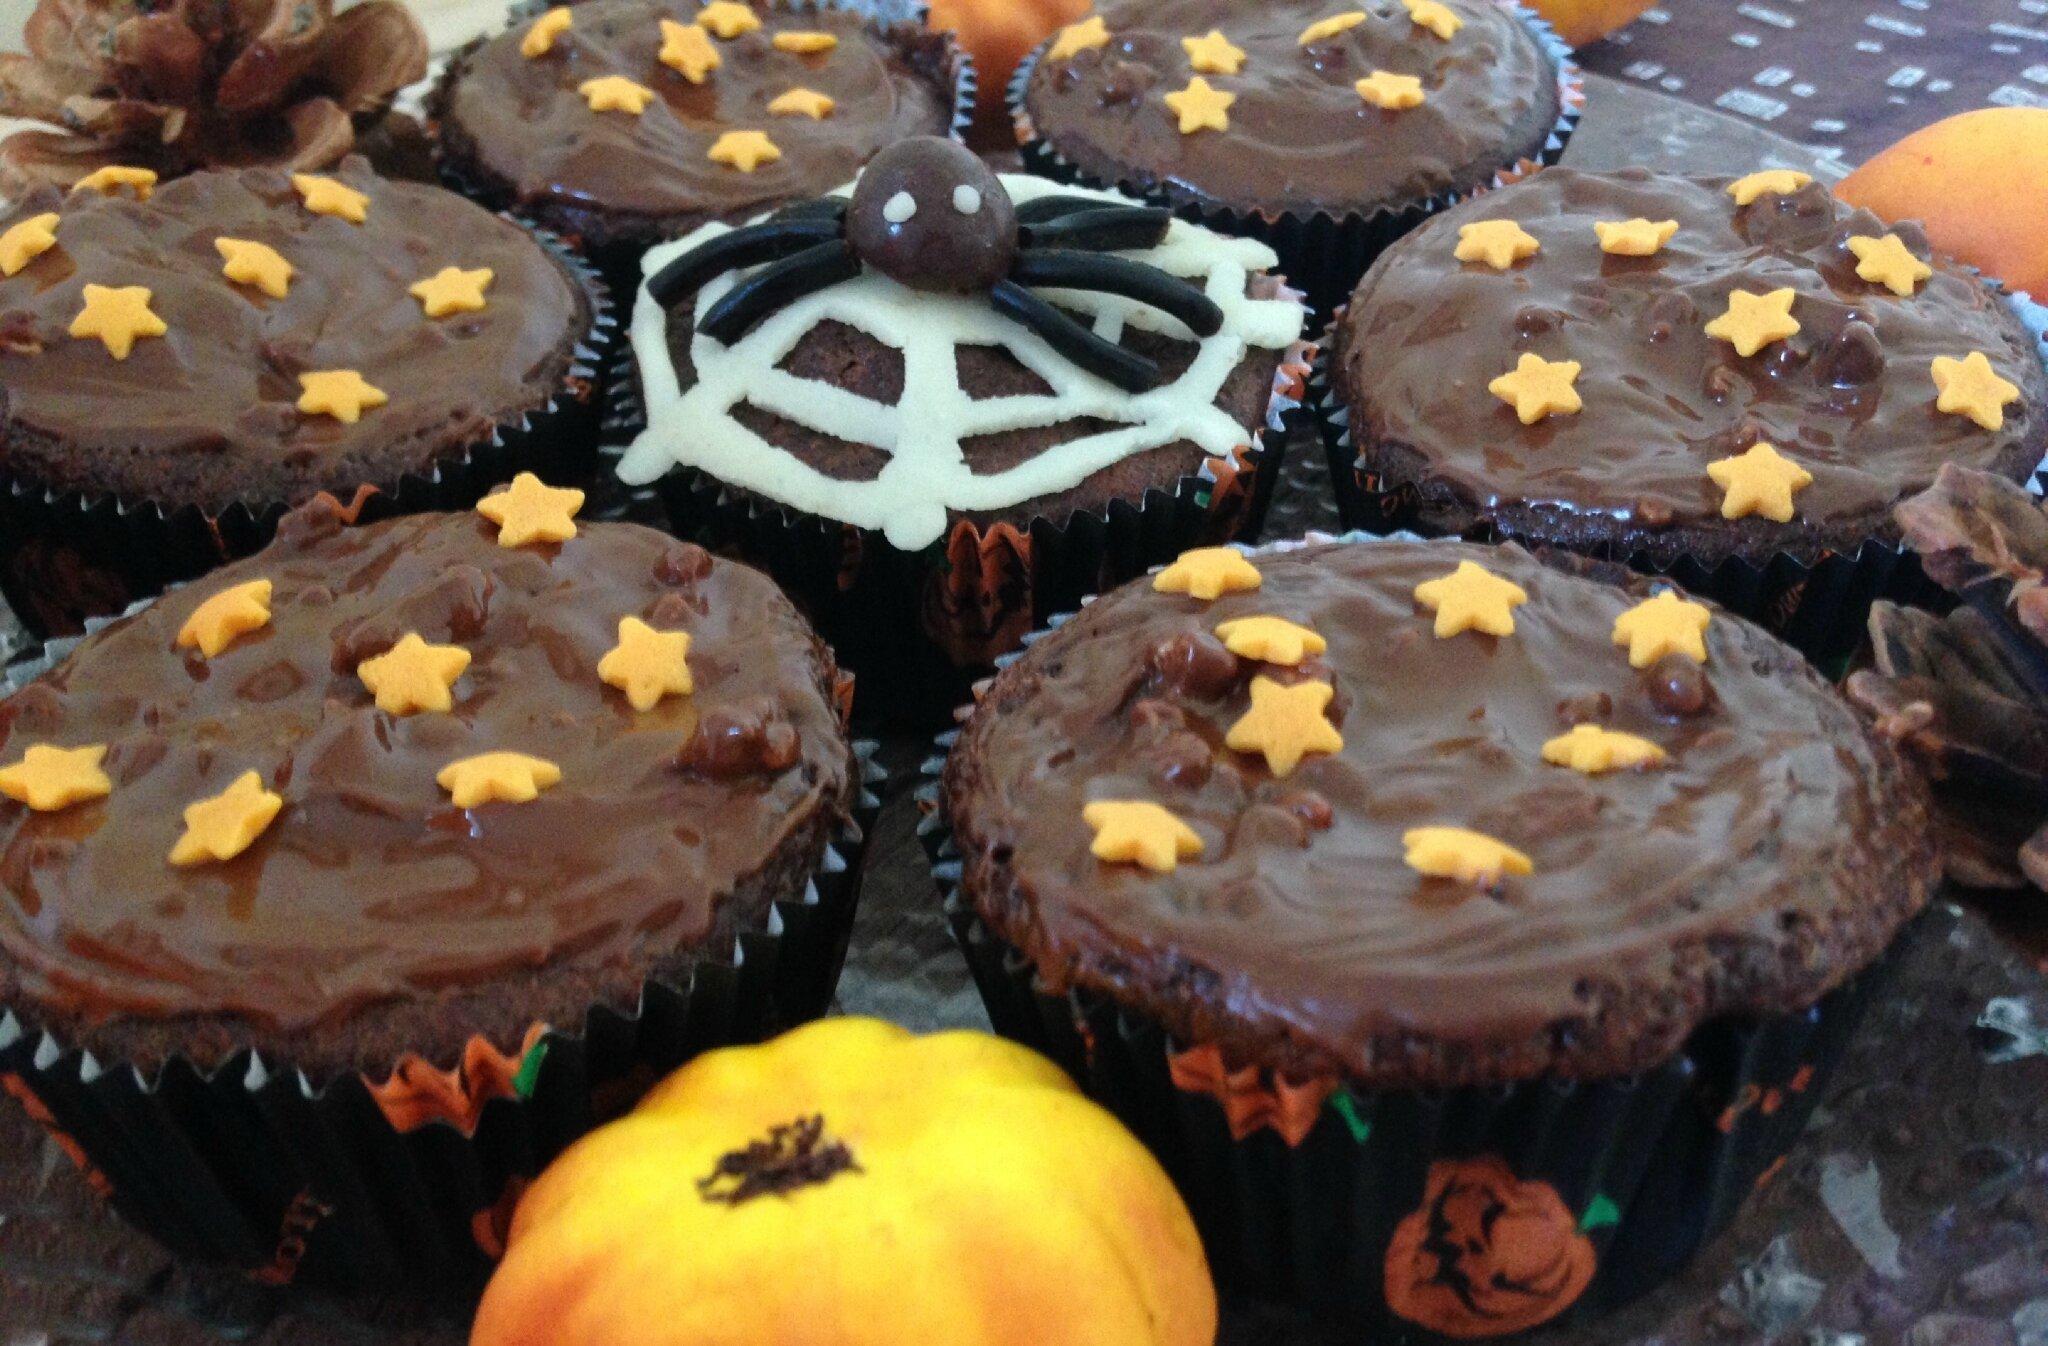 Petits gâteaux courgette-chocolat